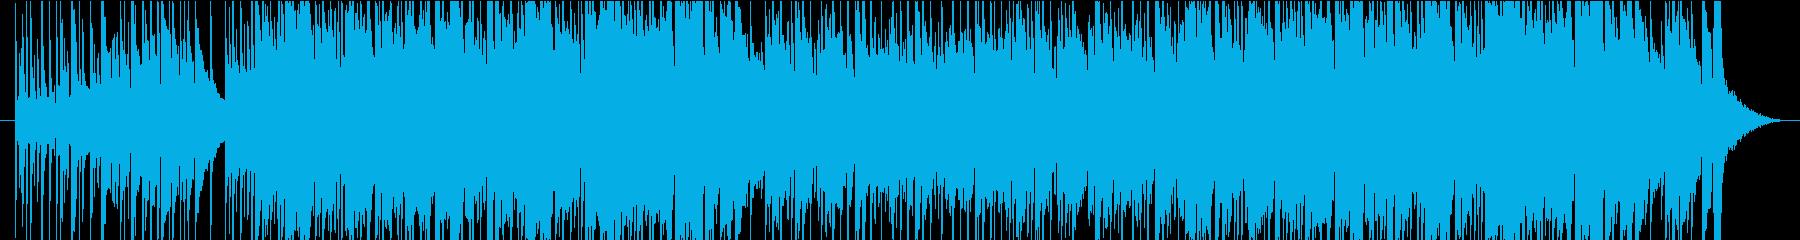 爽やかで切なかっこいいSaxフュージョンの再生済みの波形